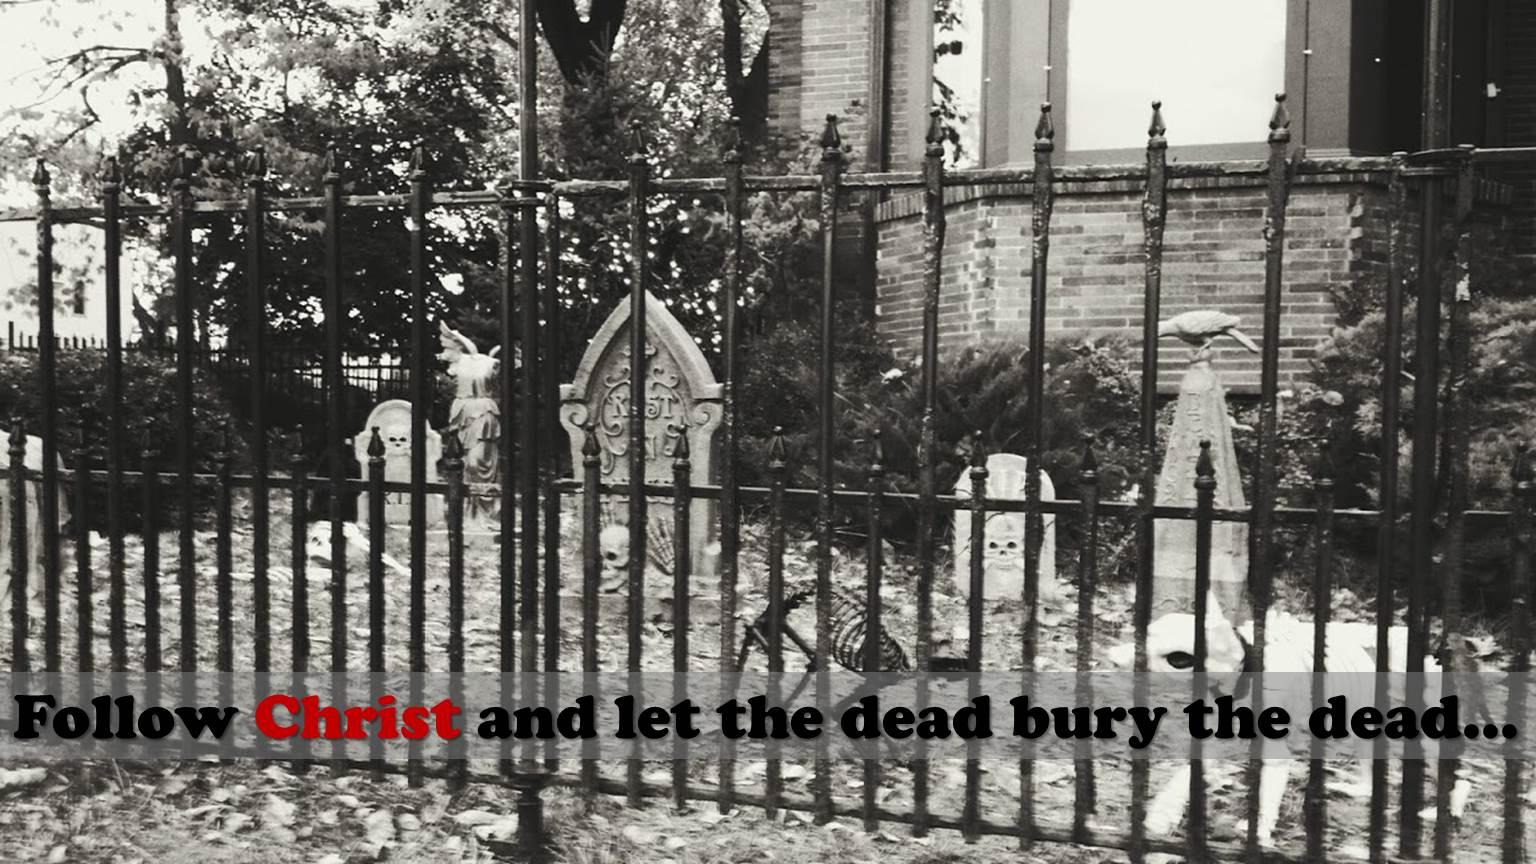 burythedead